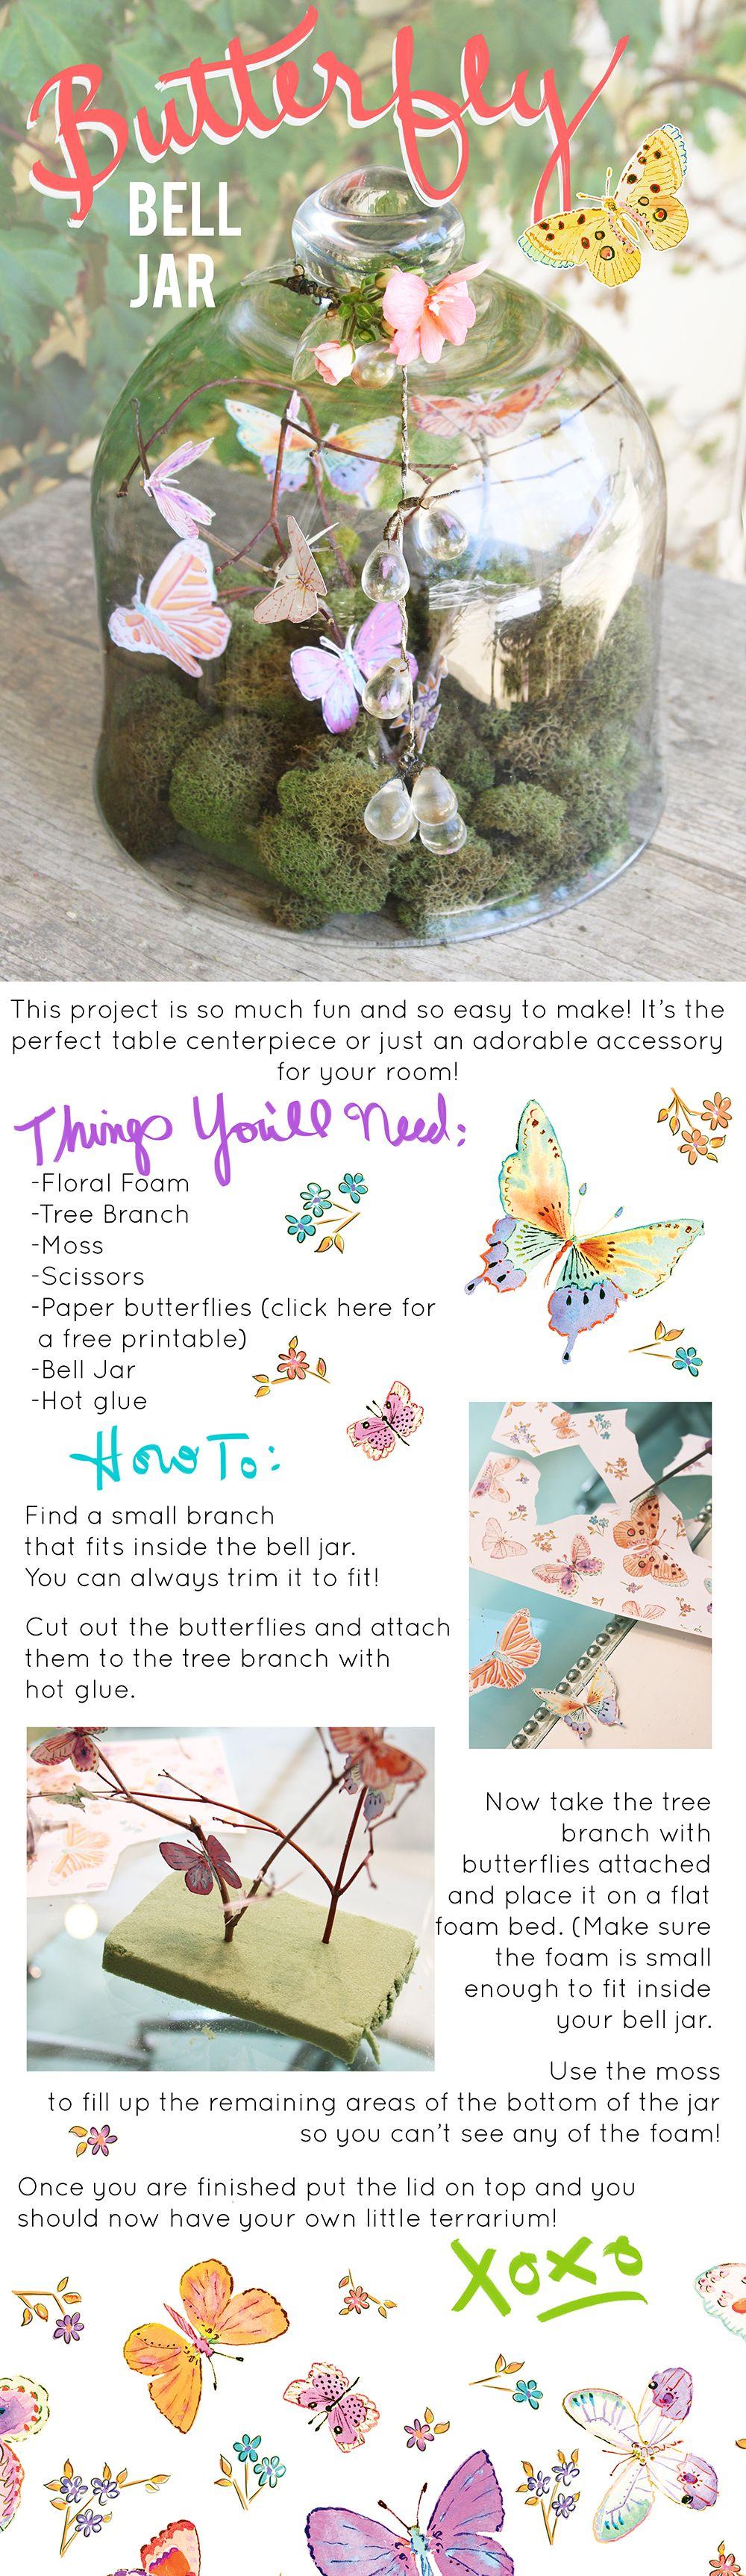 DIY Decor Butterfly Bell Jar Centerpiece